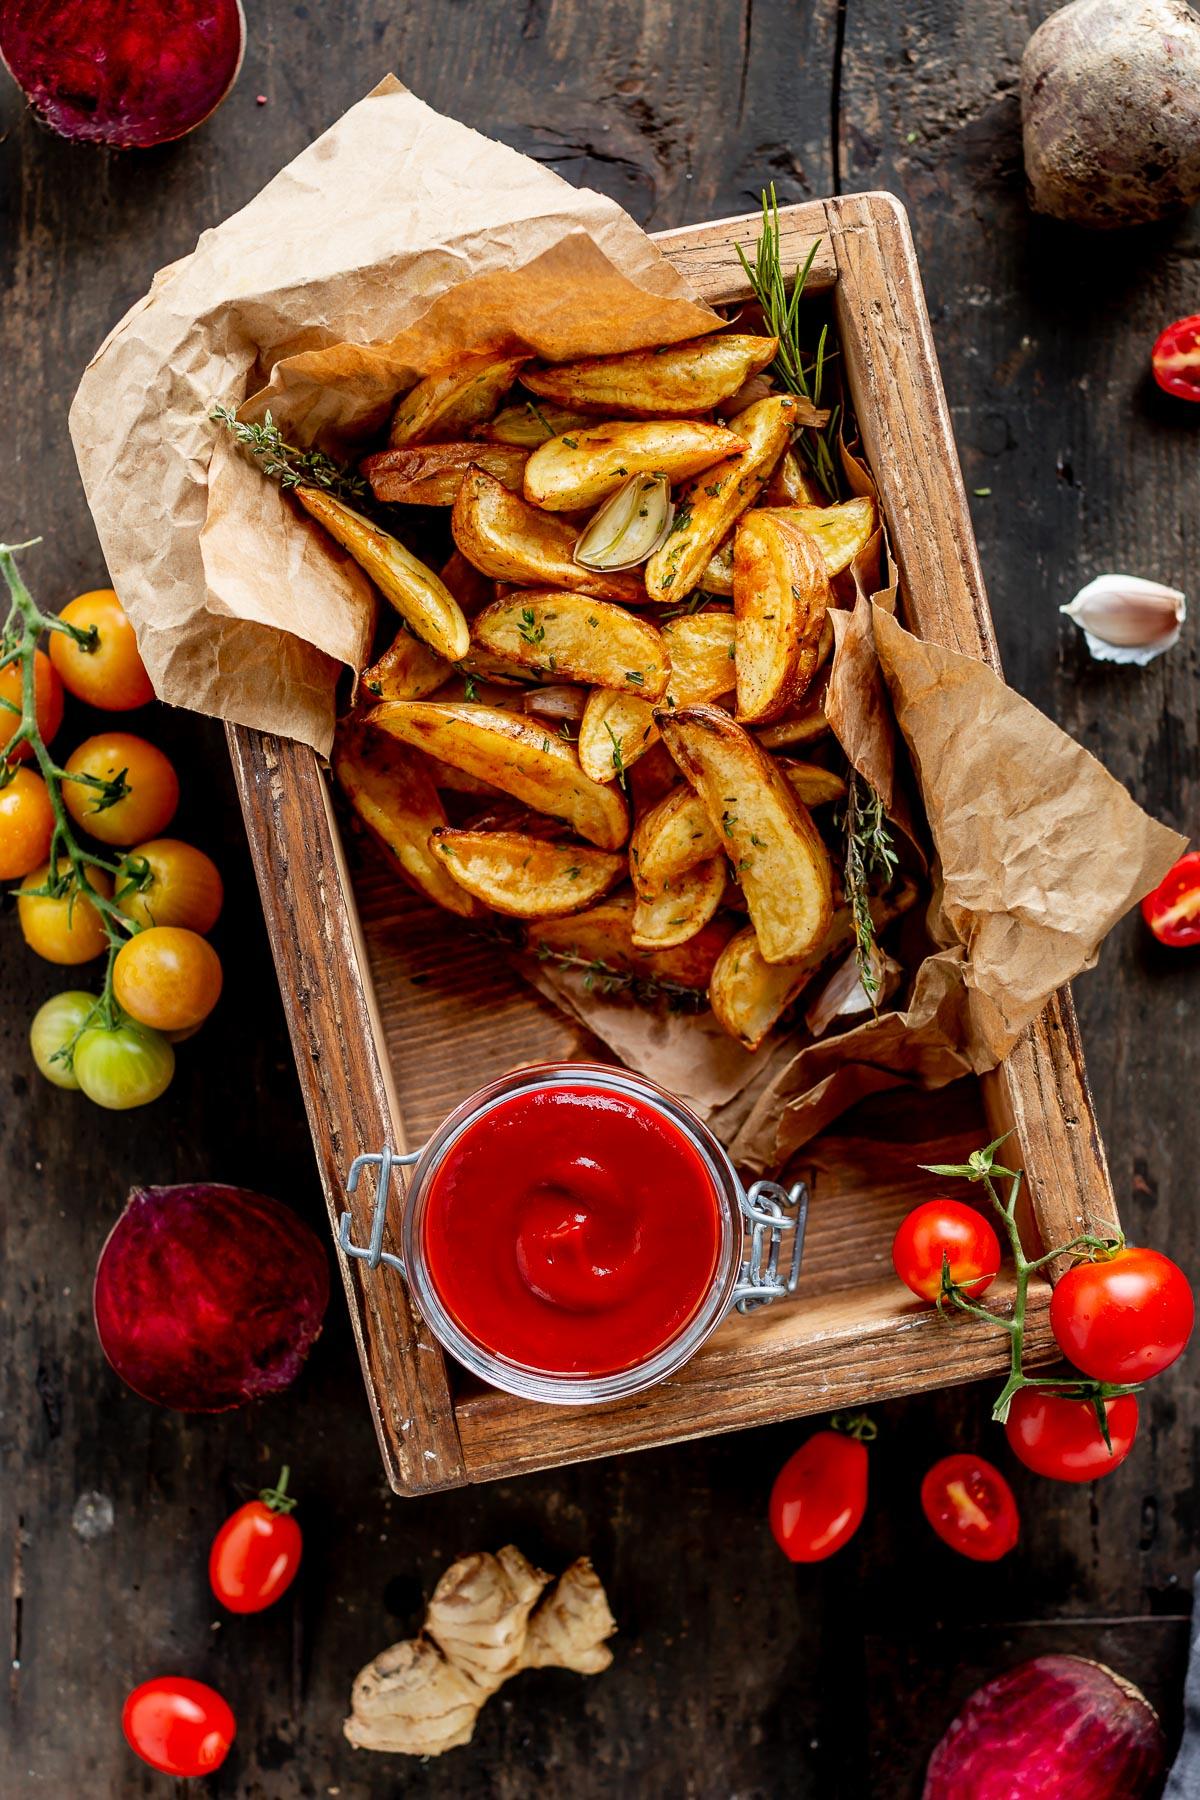 VEGAN homemade tomato BEET KETCHUP recipe refined sugar free #healthy ricetta KETCHUP fatto in casa alla BARBABIETOLA sano vegan senza glutine senza zucchero raffinato